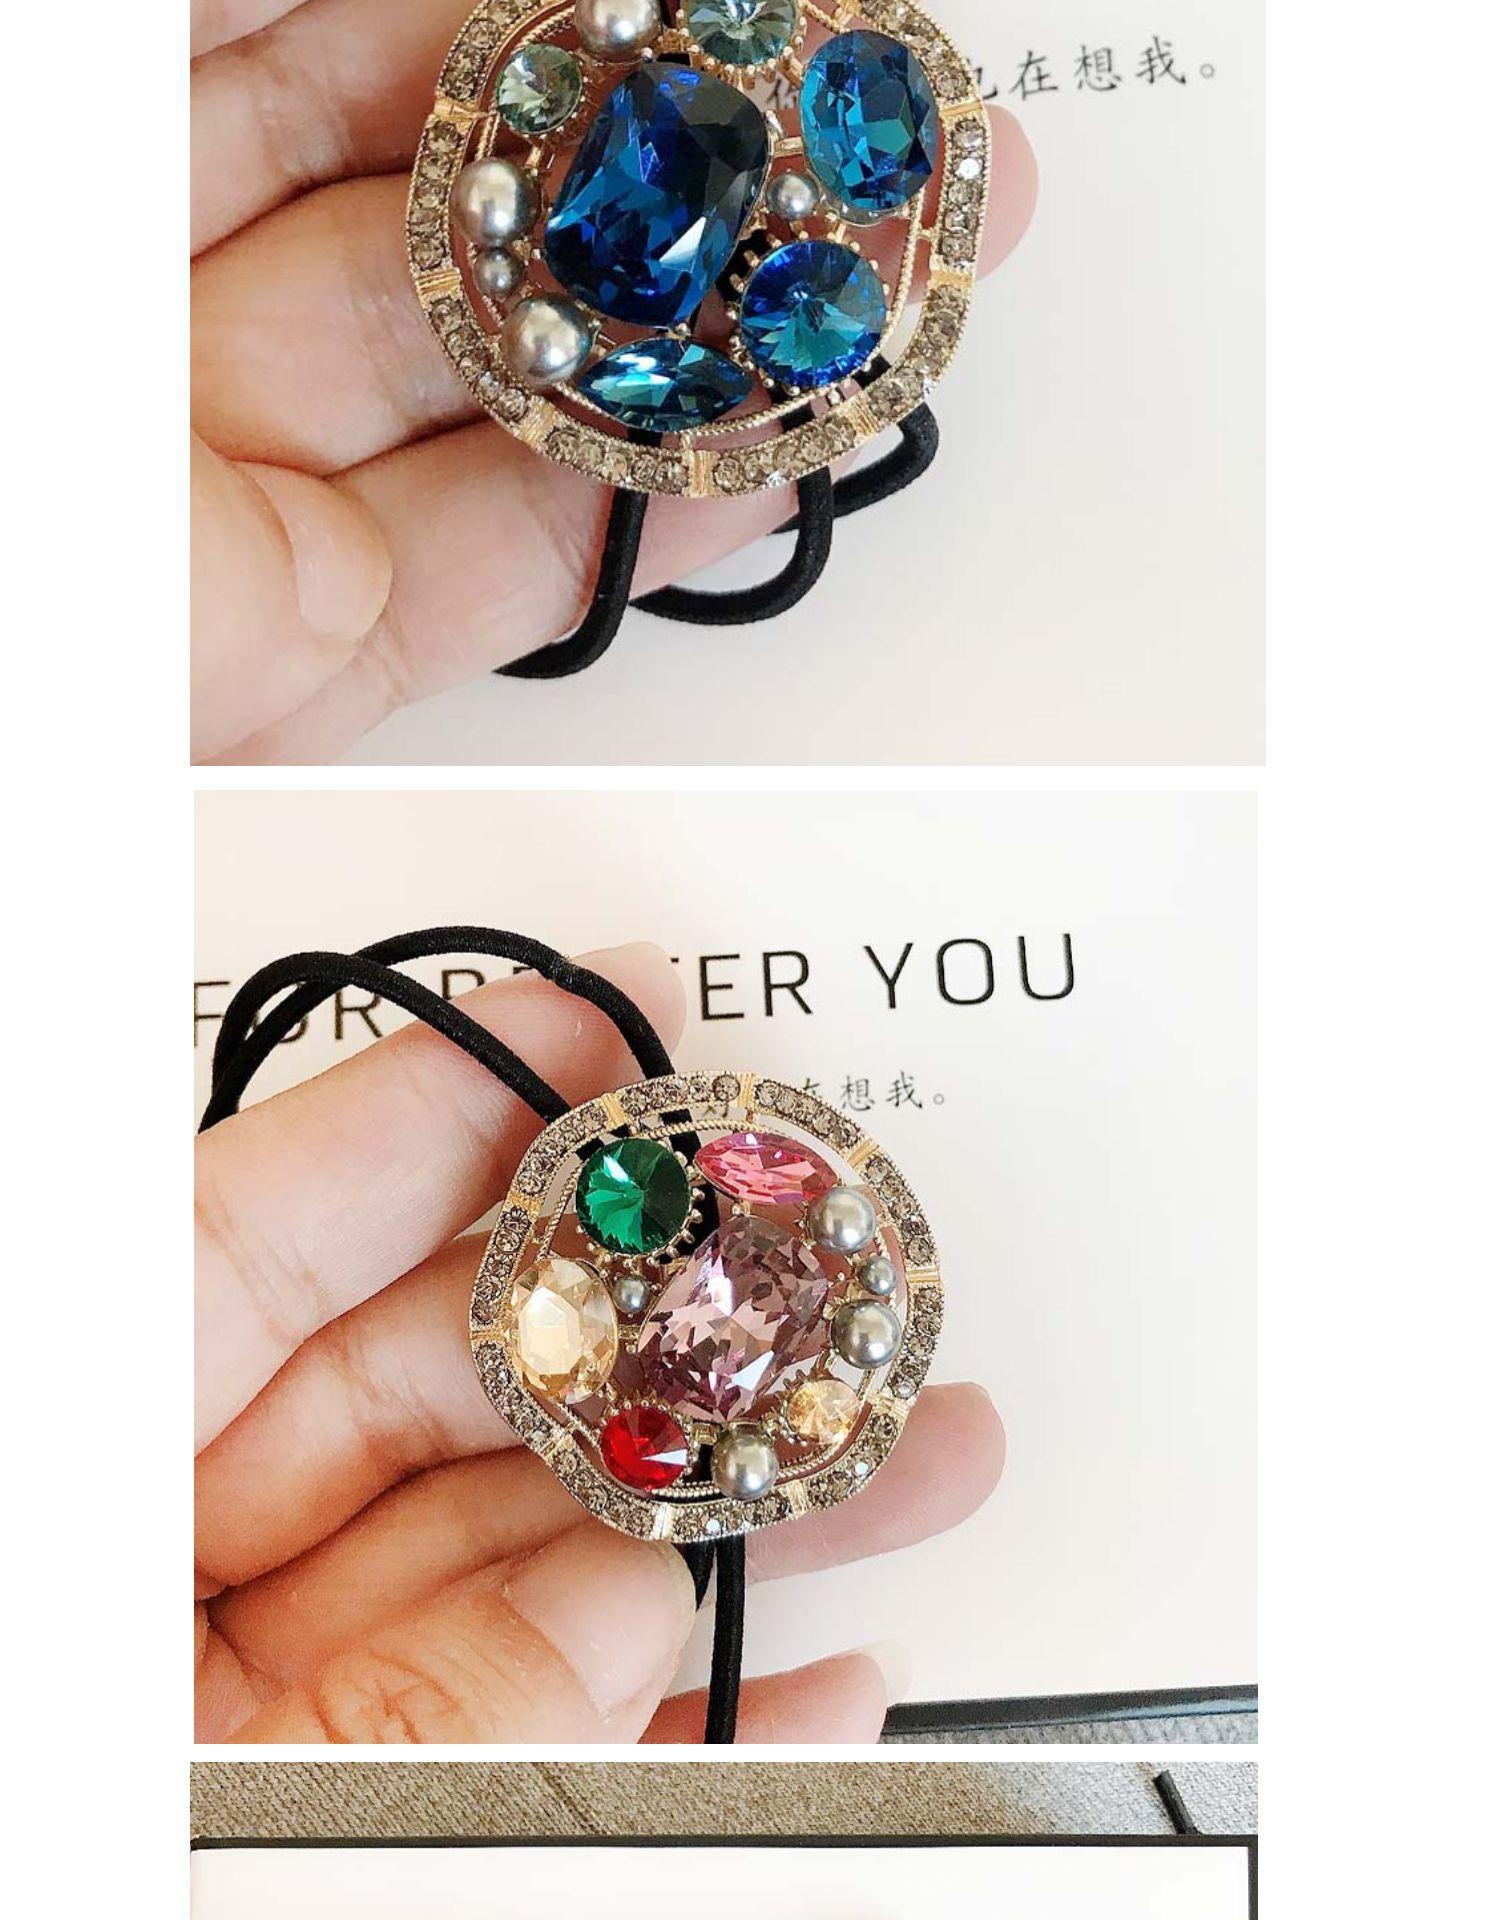 中國代購|中國批發-ibuy99|设计感奇光异彩人工宝石发圈扎发皮筋时尚发绳精致百搭发饰包邮